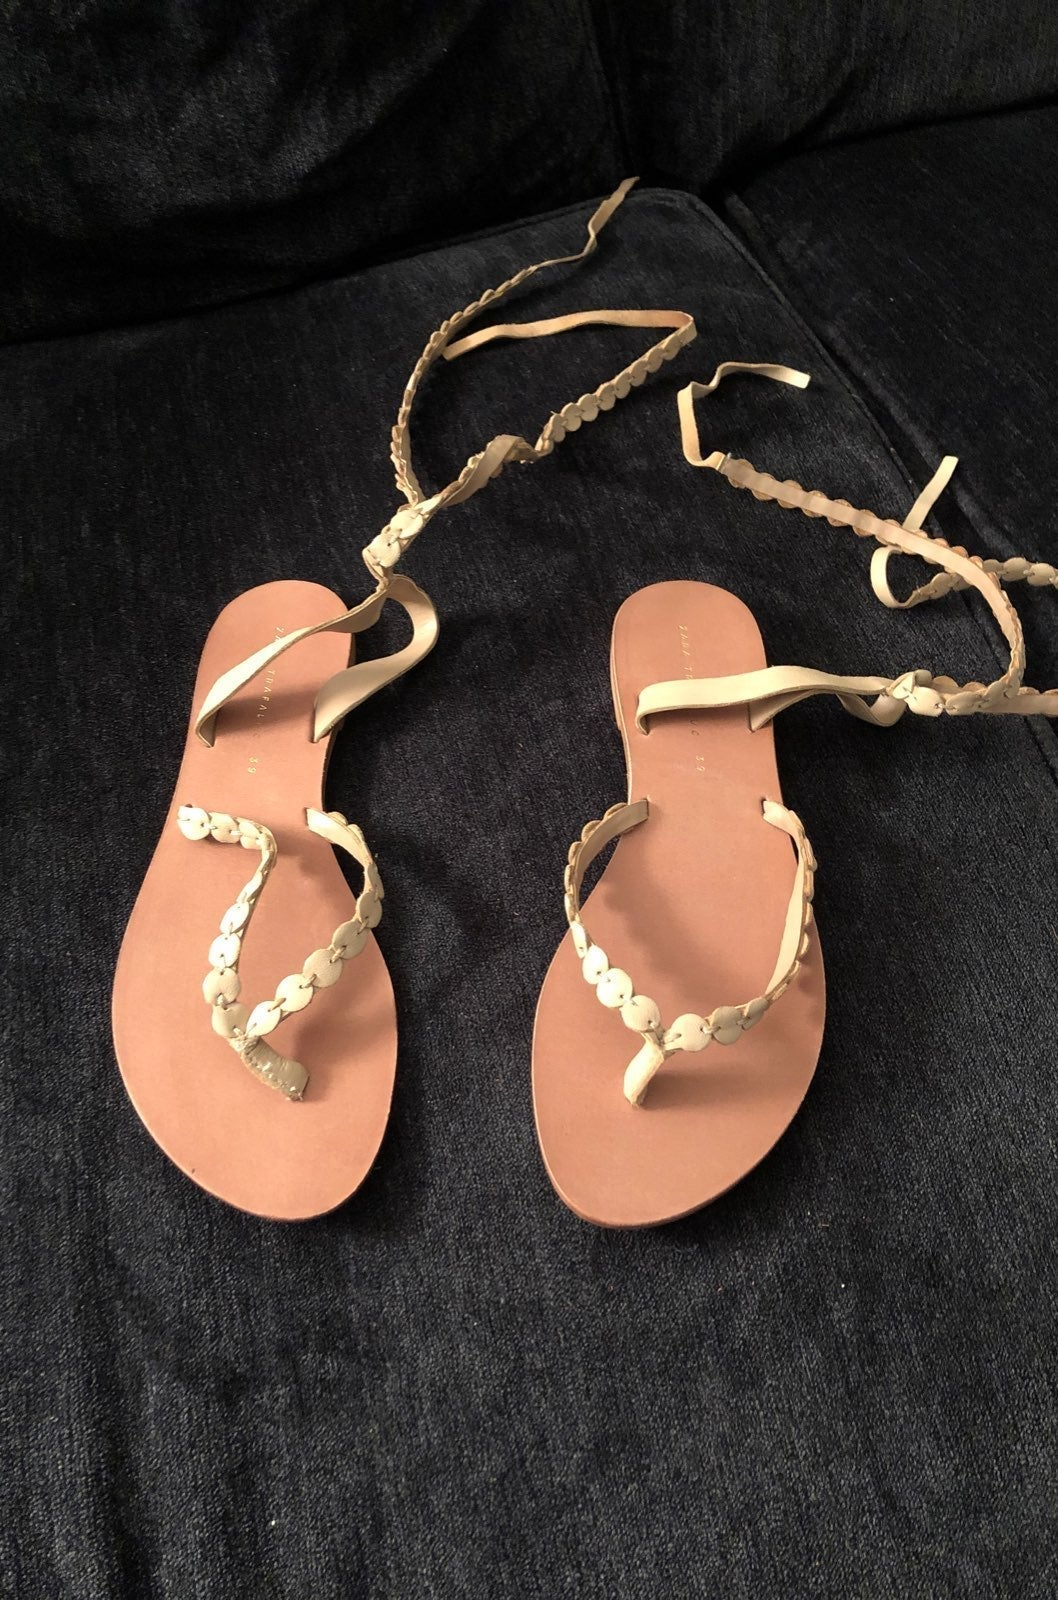 Zara Trafaluc Women Size 8.5 Tan Sandals